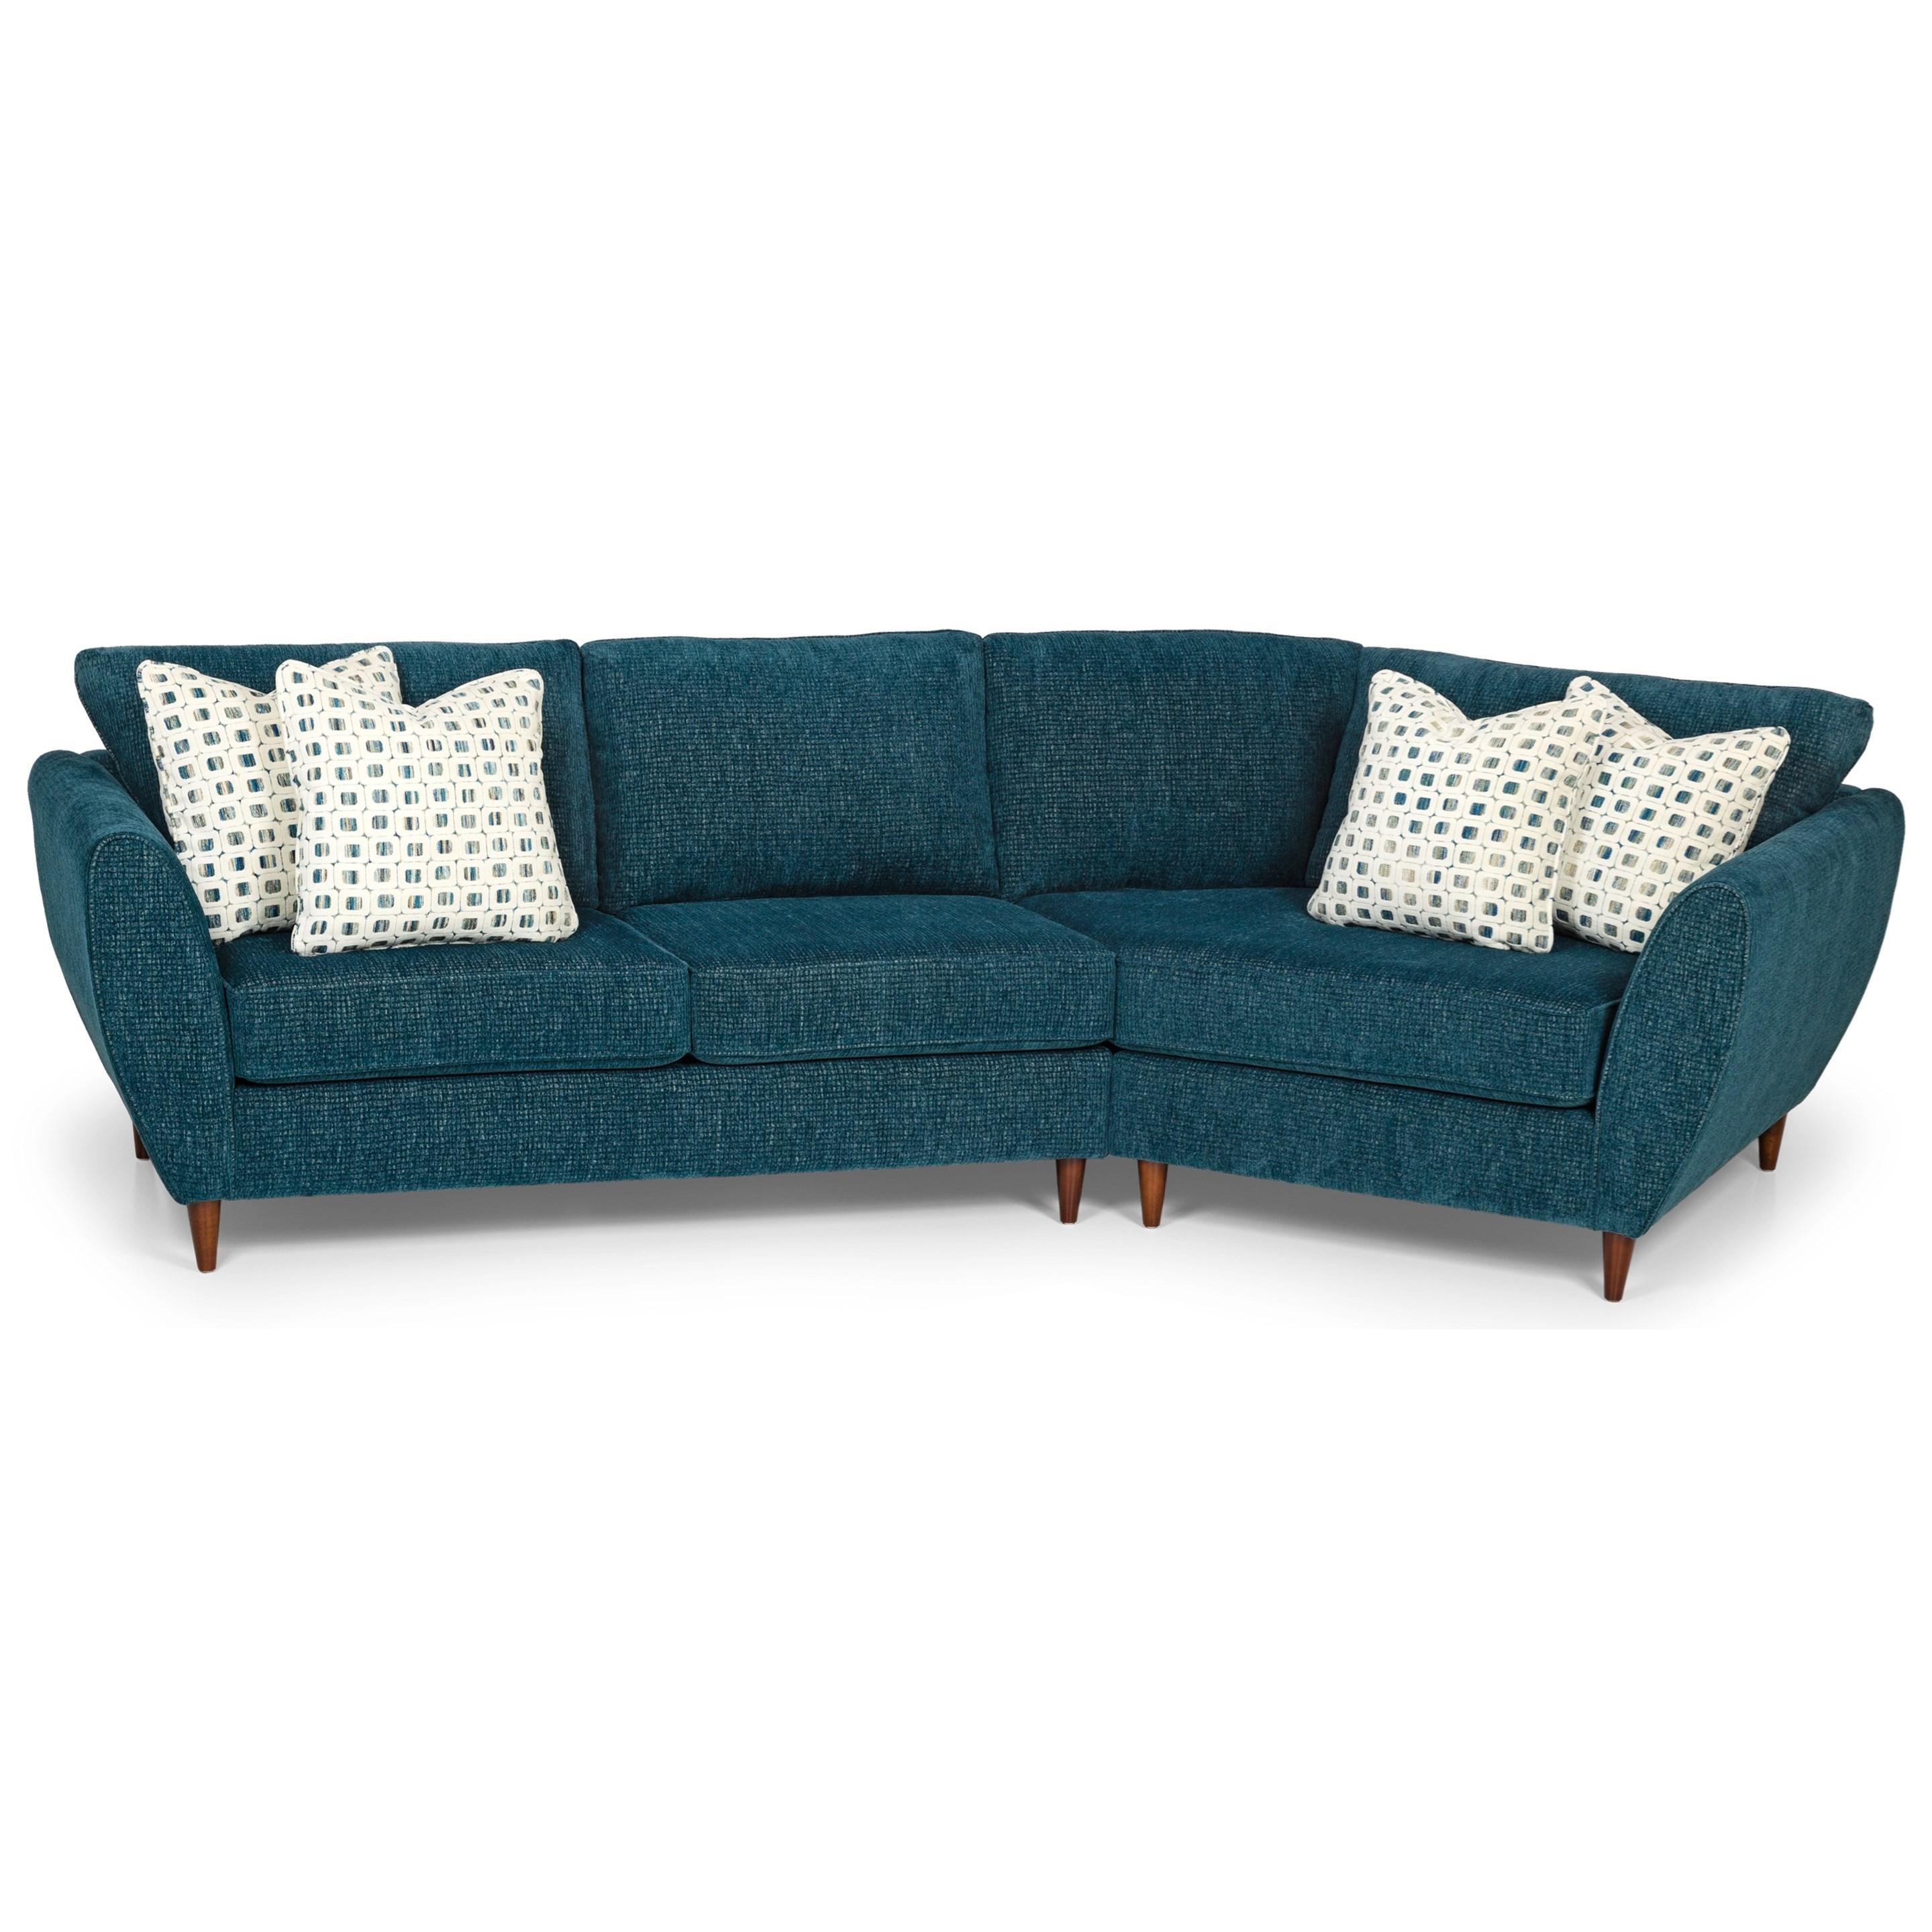 2-Piece Sectional Sofa w/ RAF Cuddler